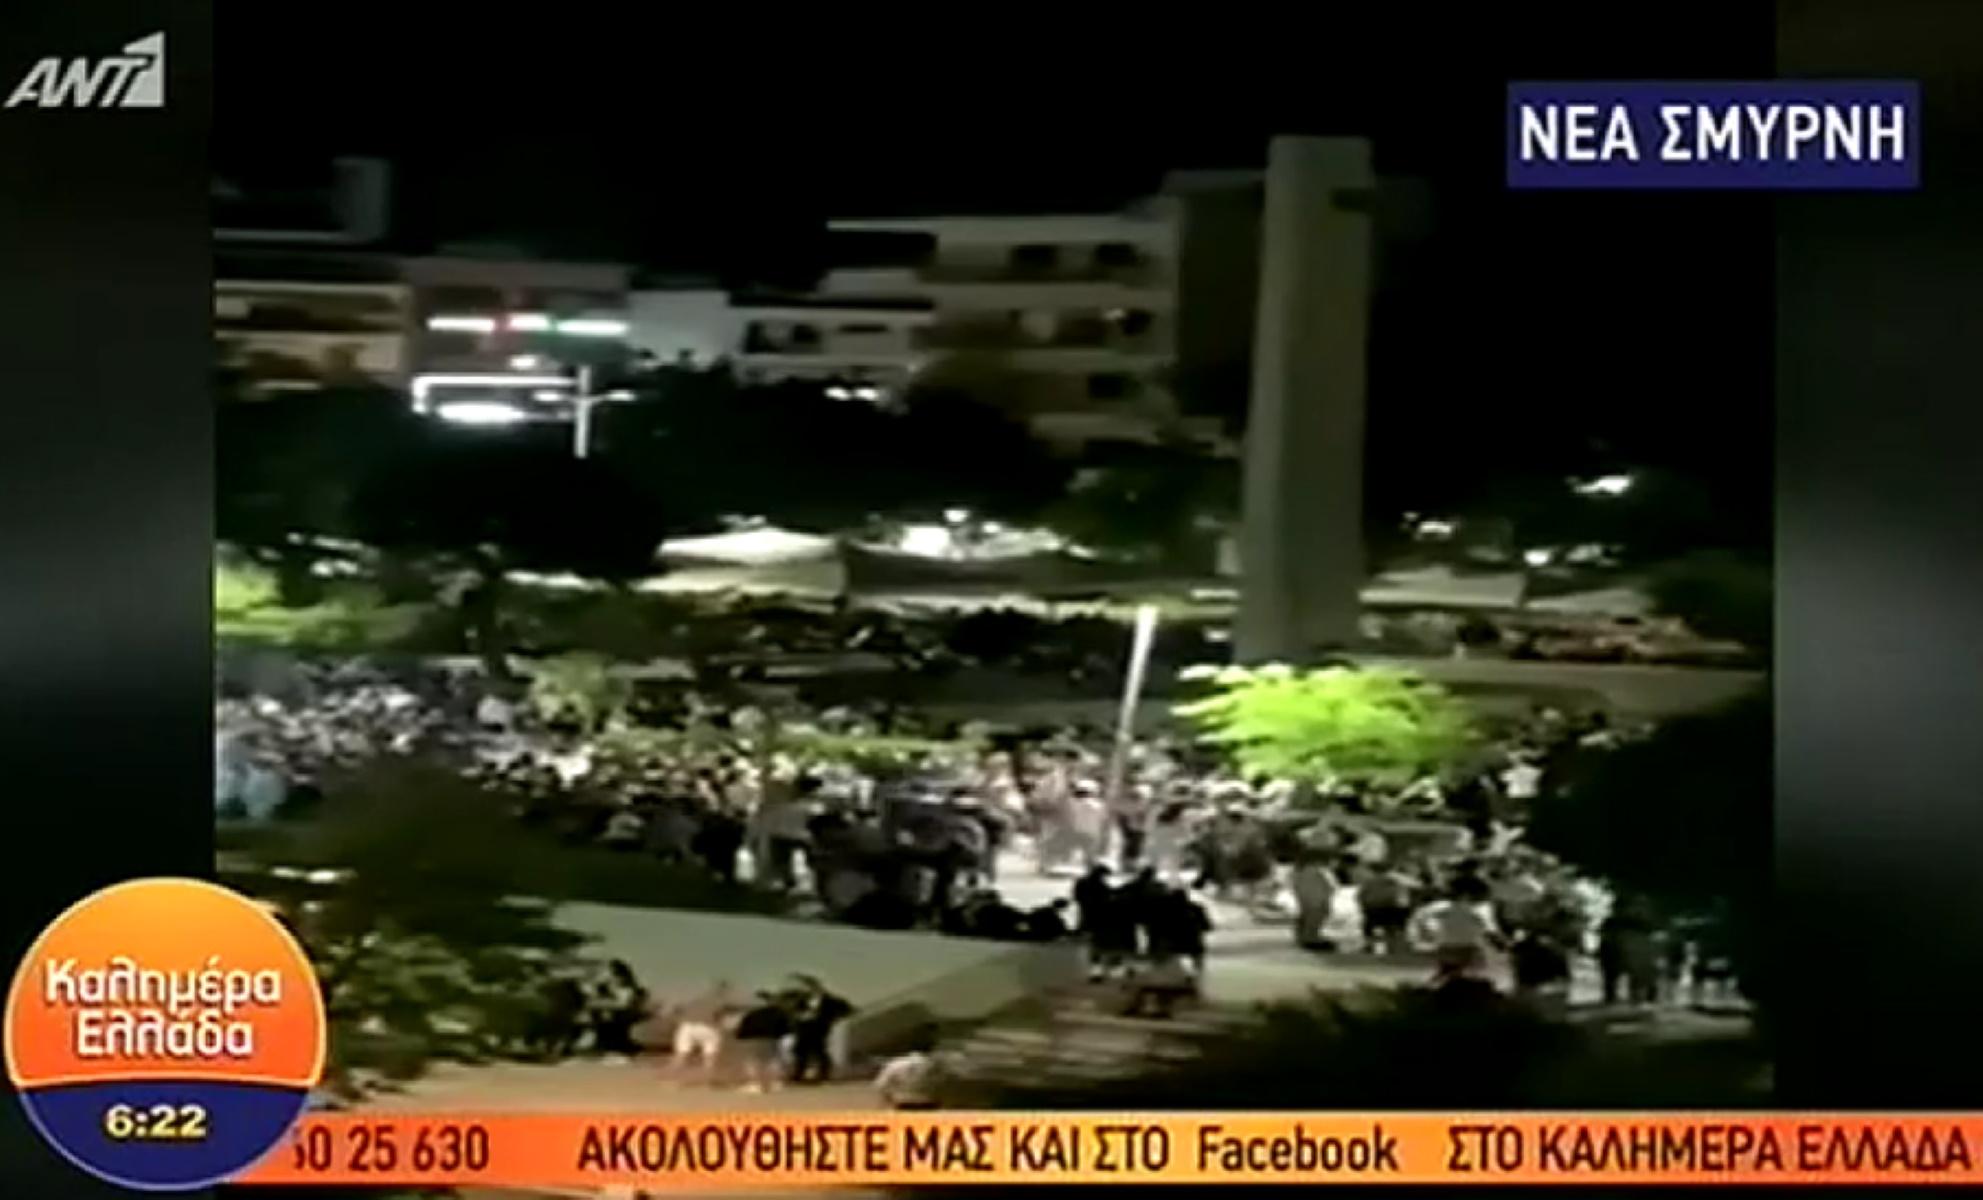 Νέα Σμύρνη: Κορονοπάρτι μέχρι τα ξημερώματα στην πλατεία (video)